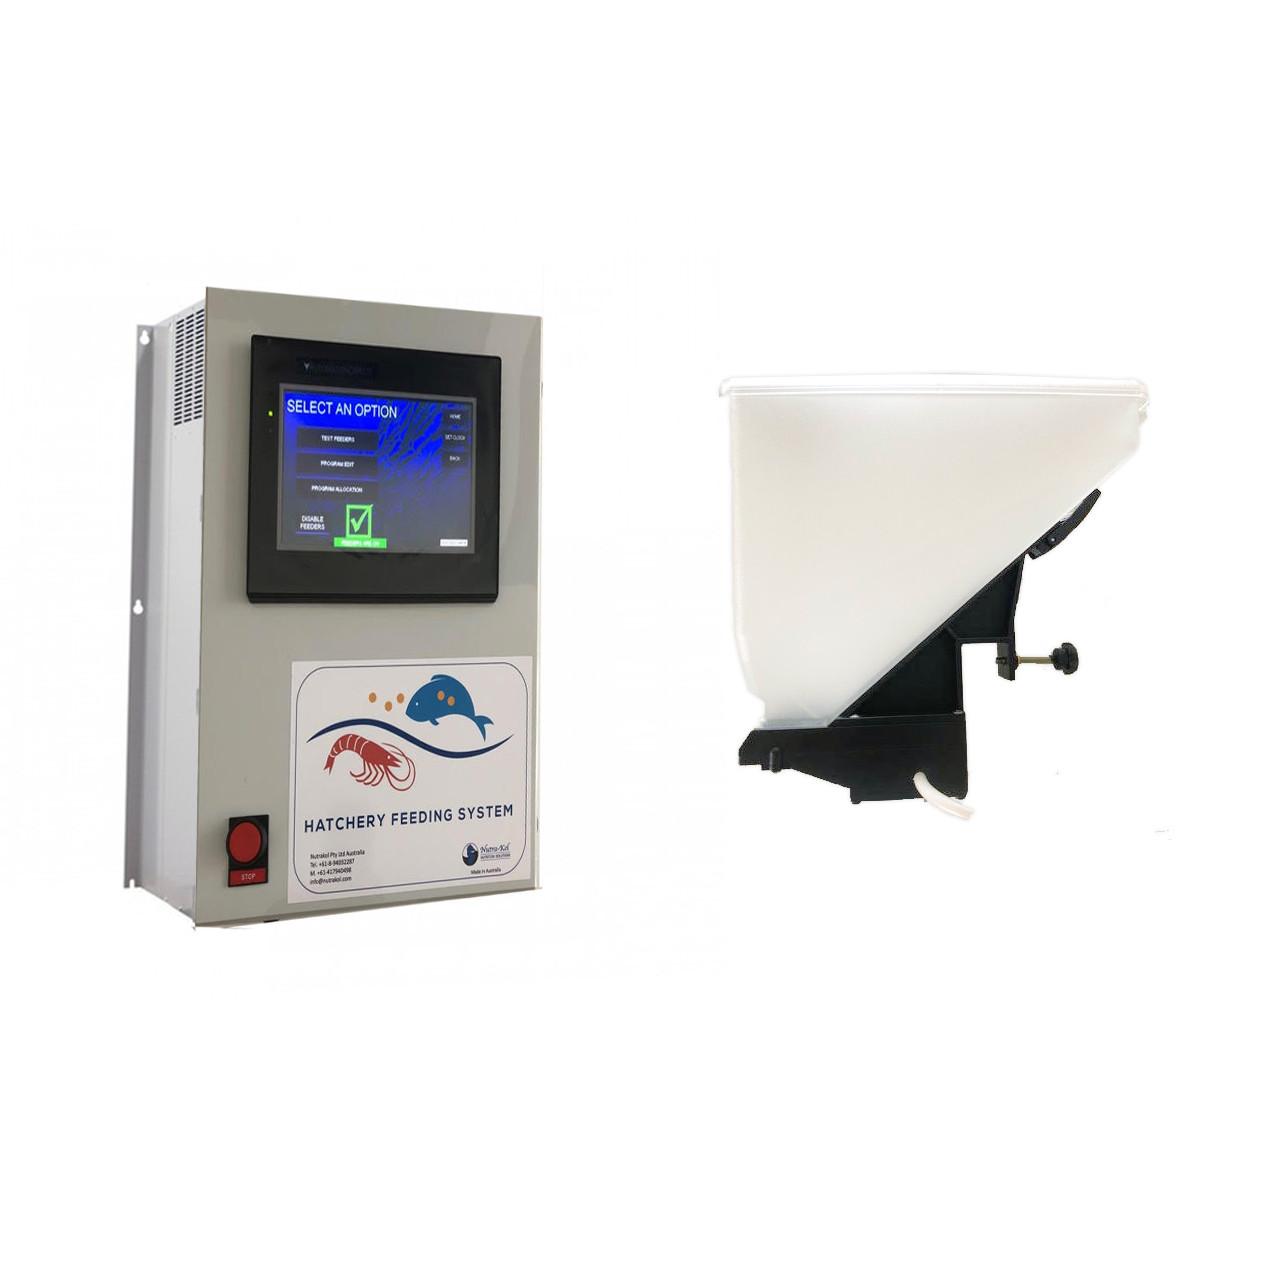 Alimentador automático para hatchery / laboratorio acuicola HFS